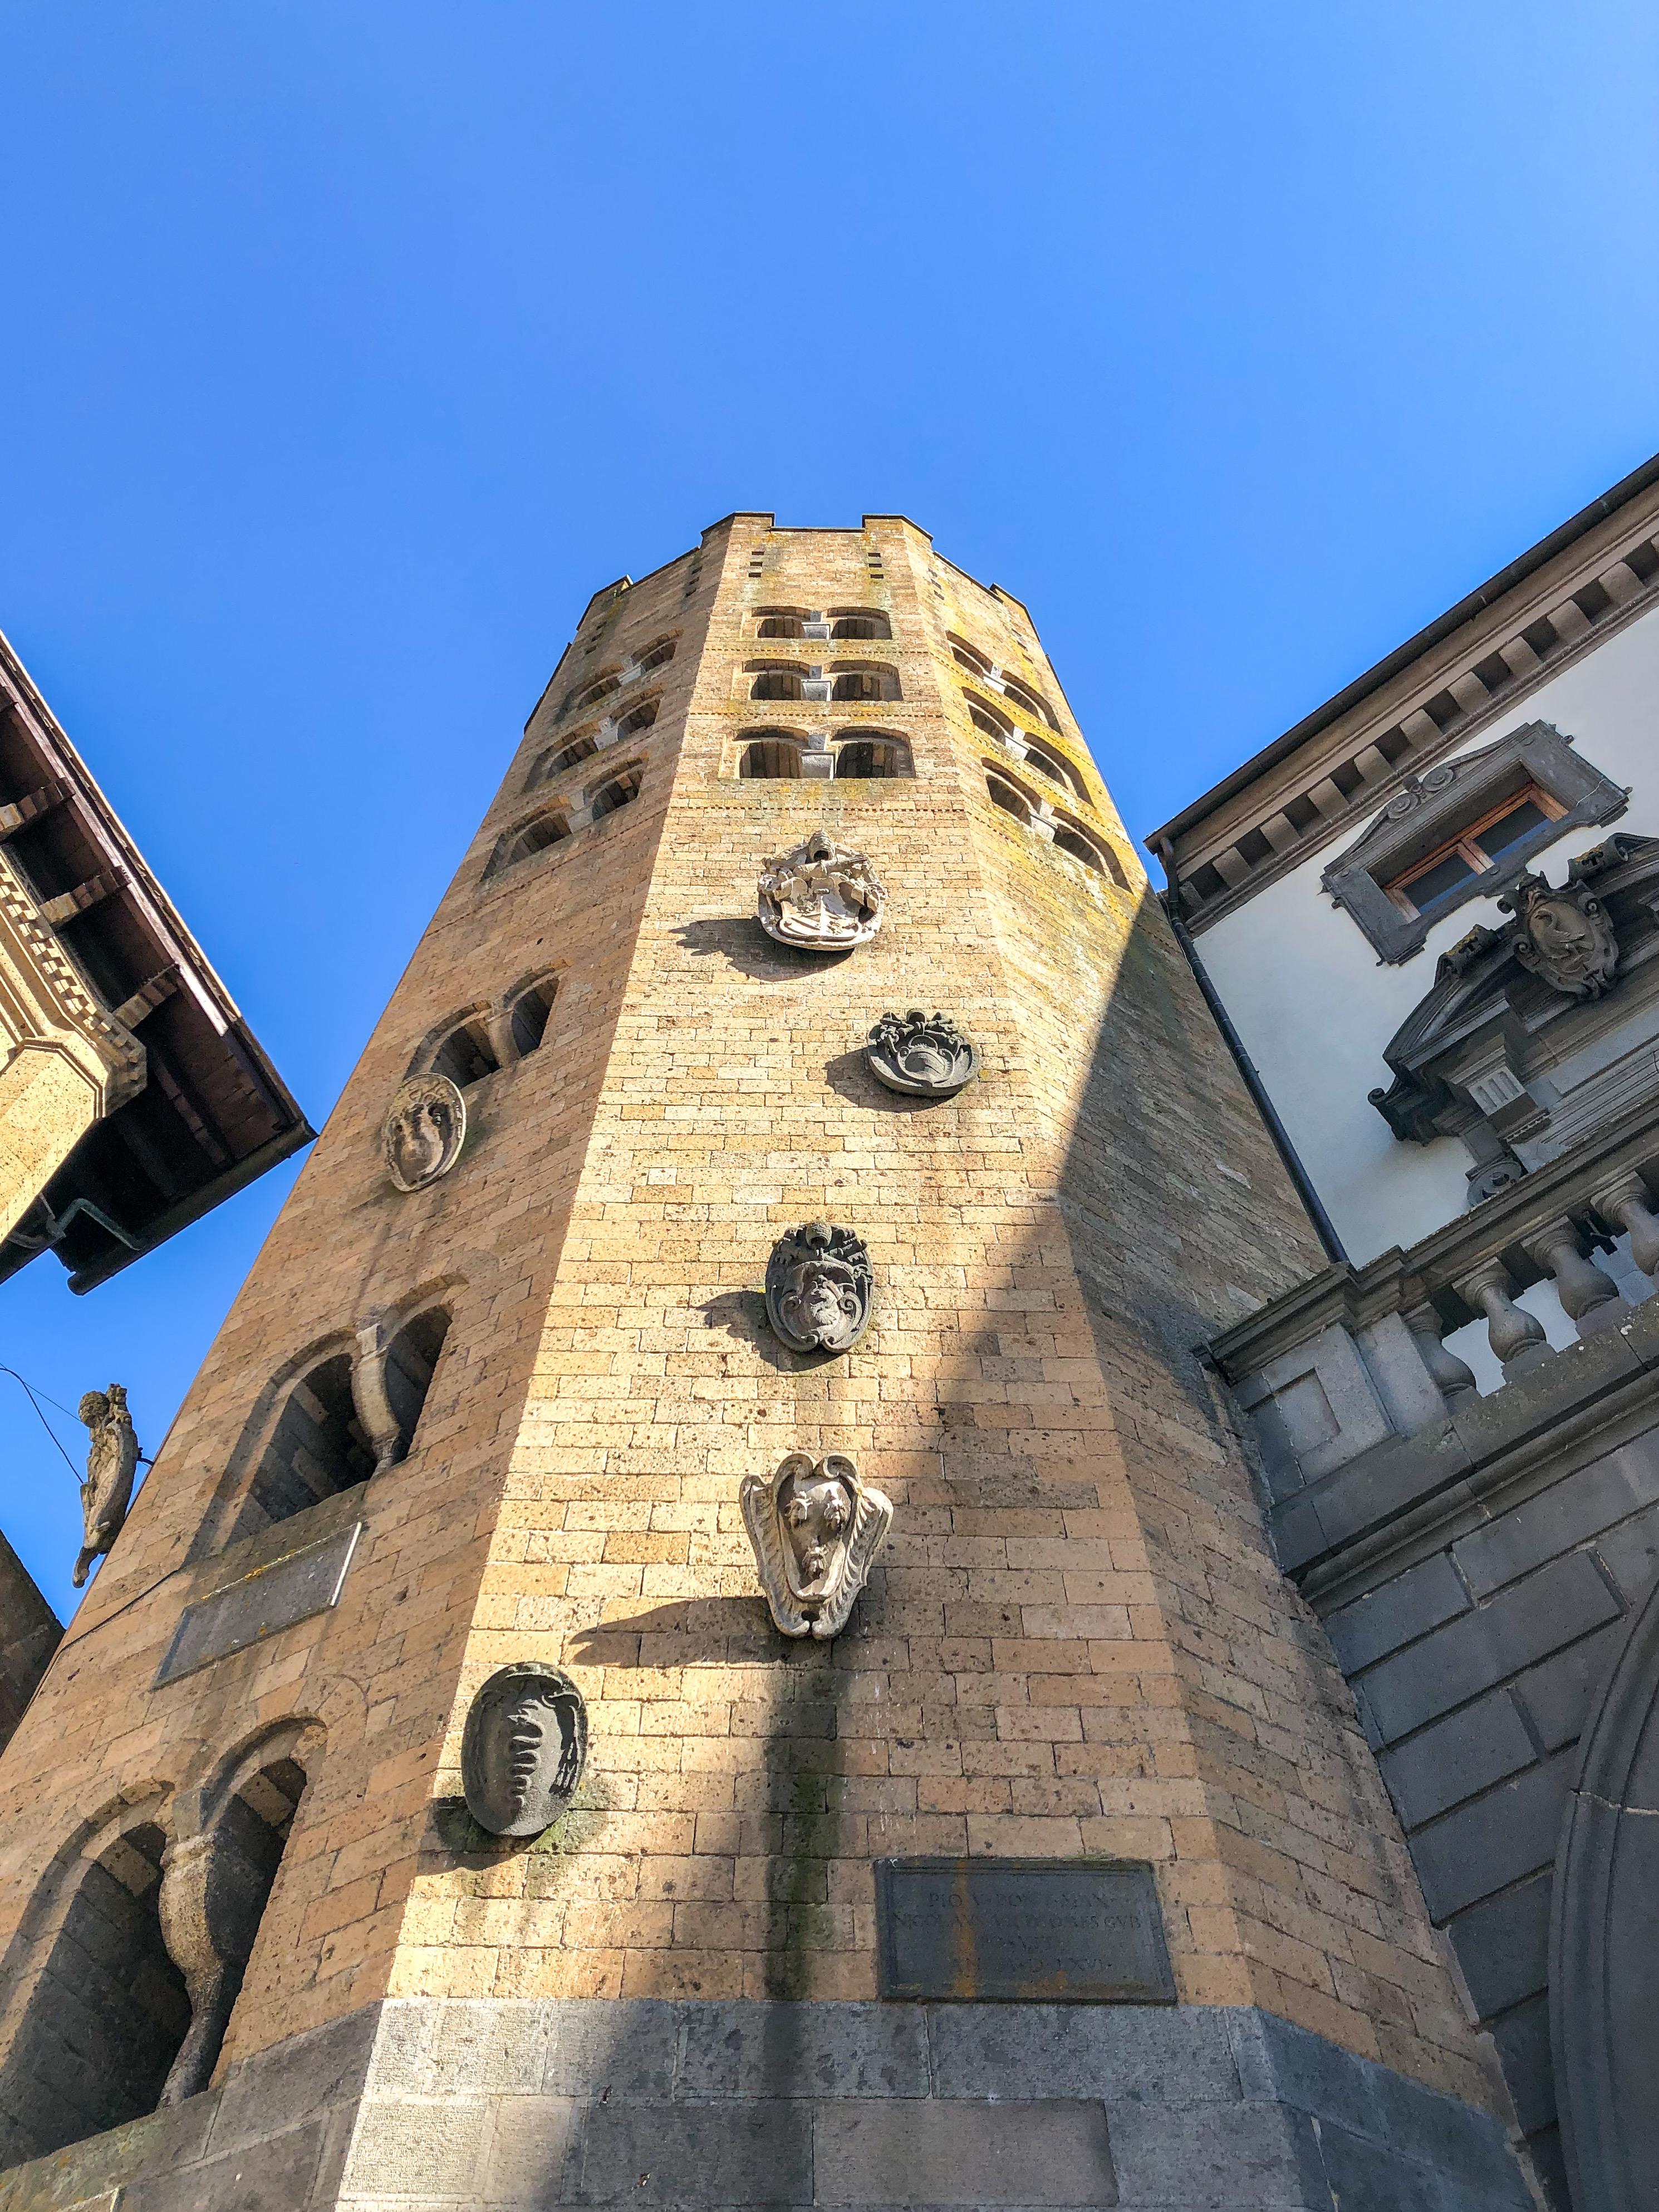 Italia - Italy - Casale Management - Travel - Orvieto - Torre della Collegiata dei Santi Andrea e Bartolomeo